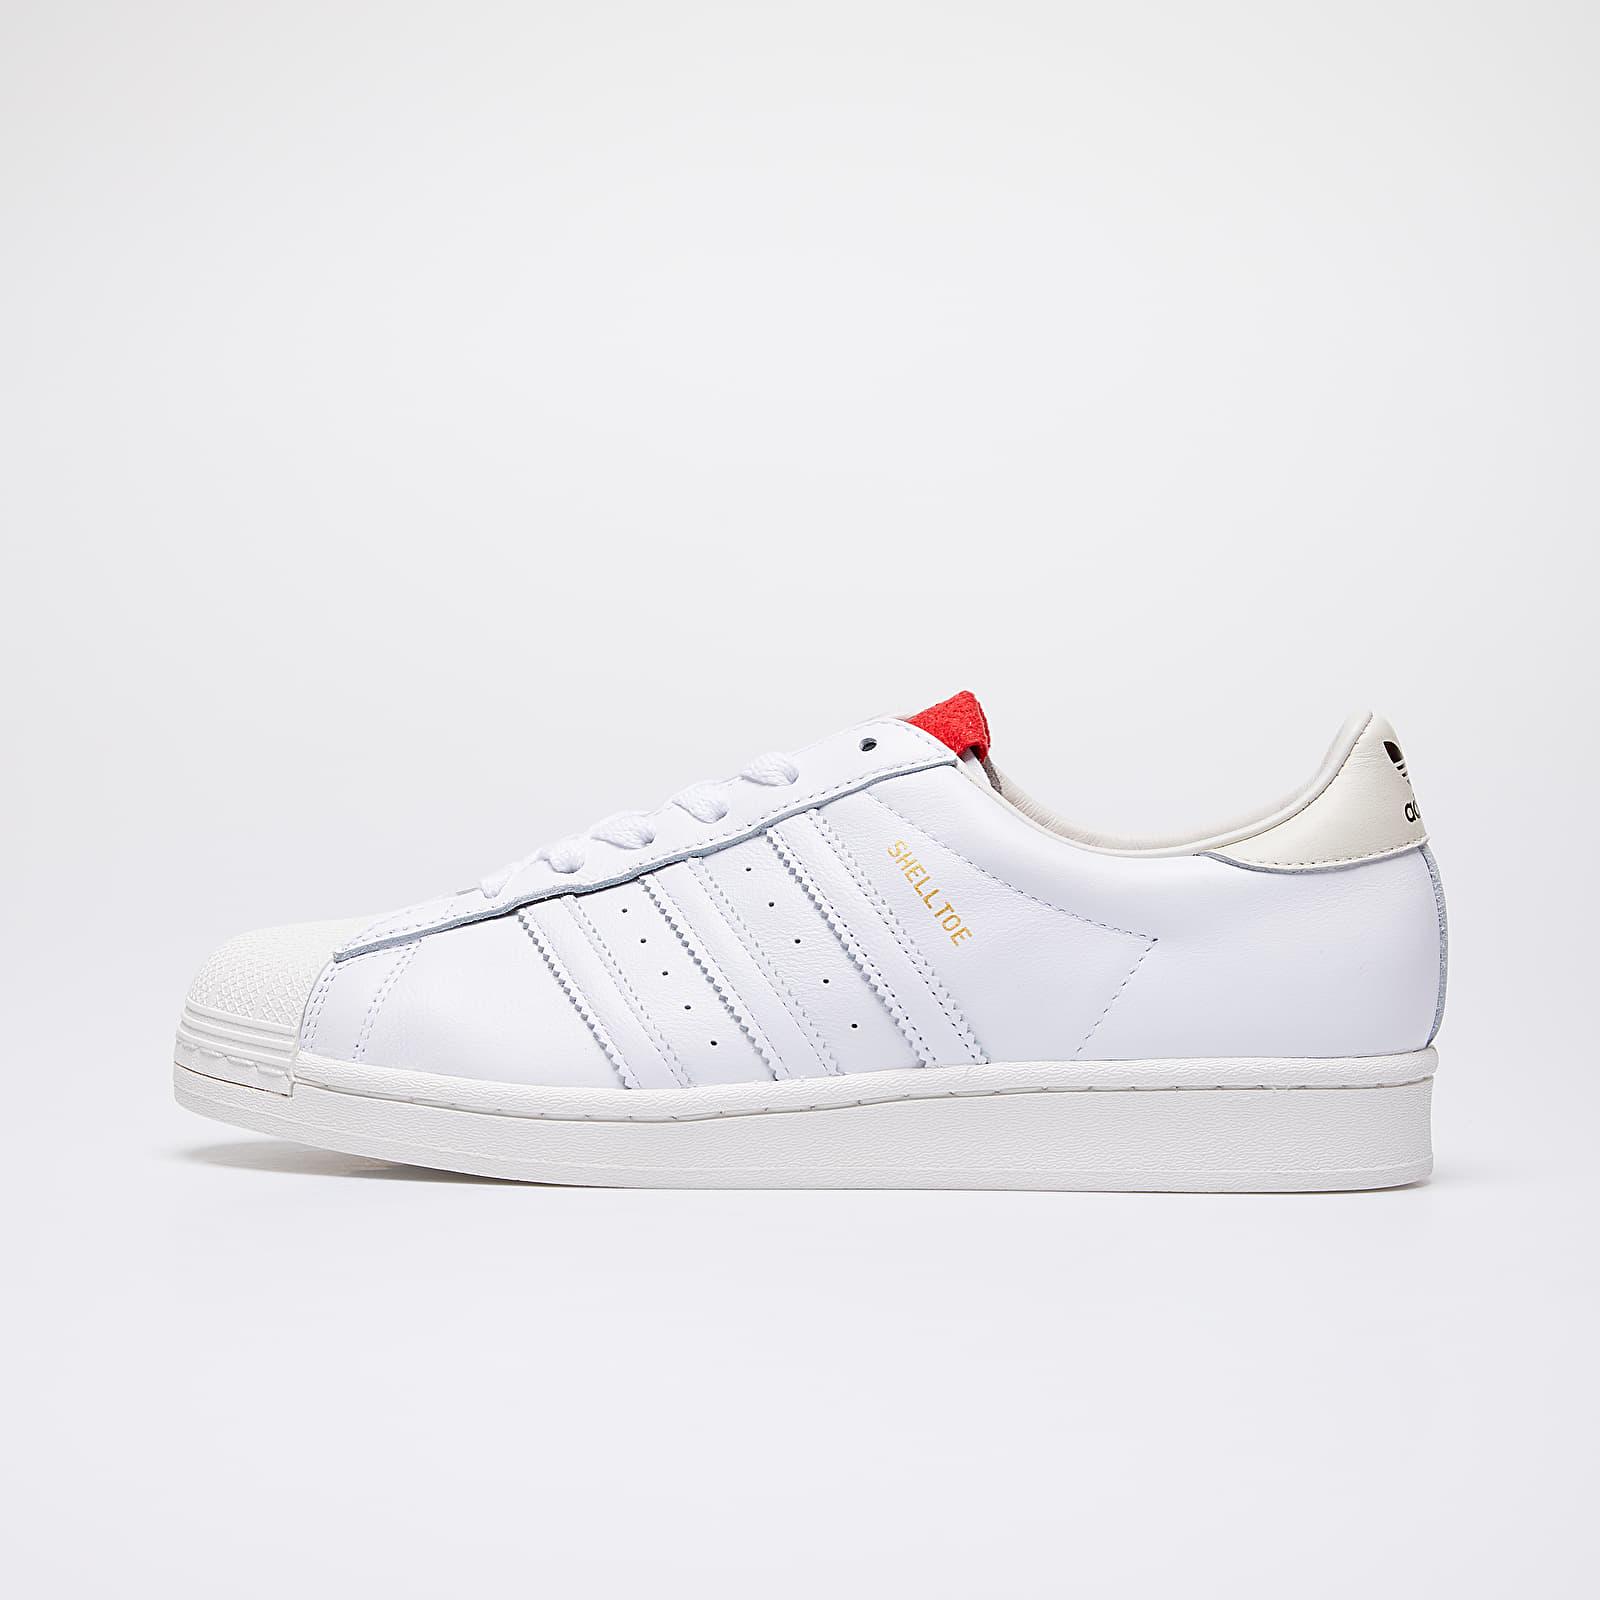 Men's shoes adidas x 424 Shelltoe Core White/ Core White/ Scarlet